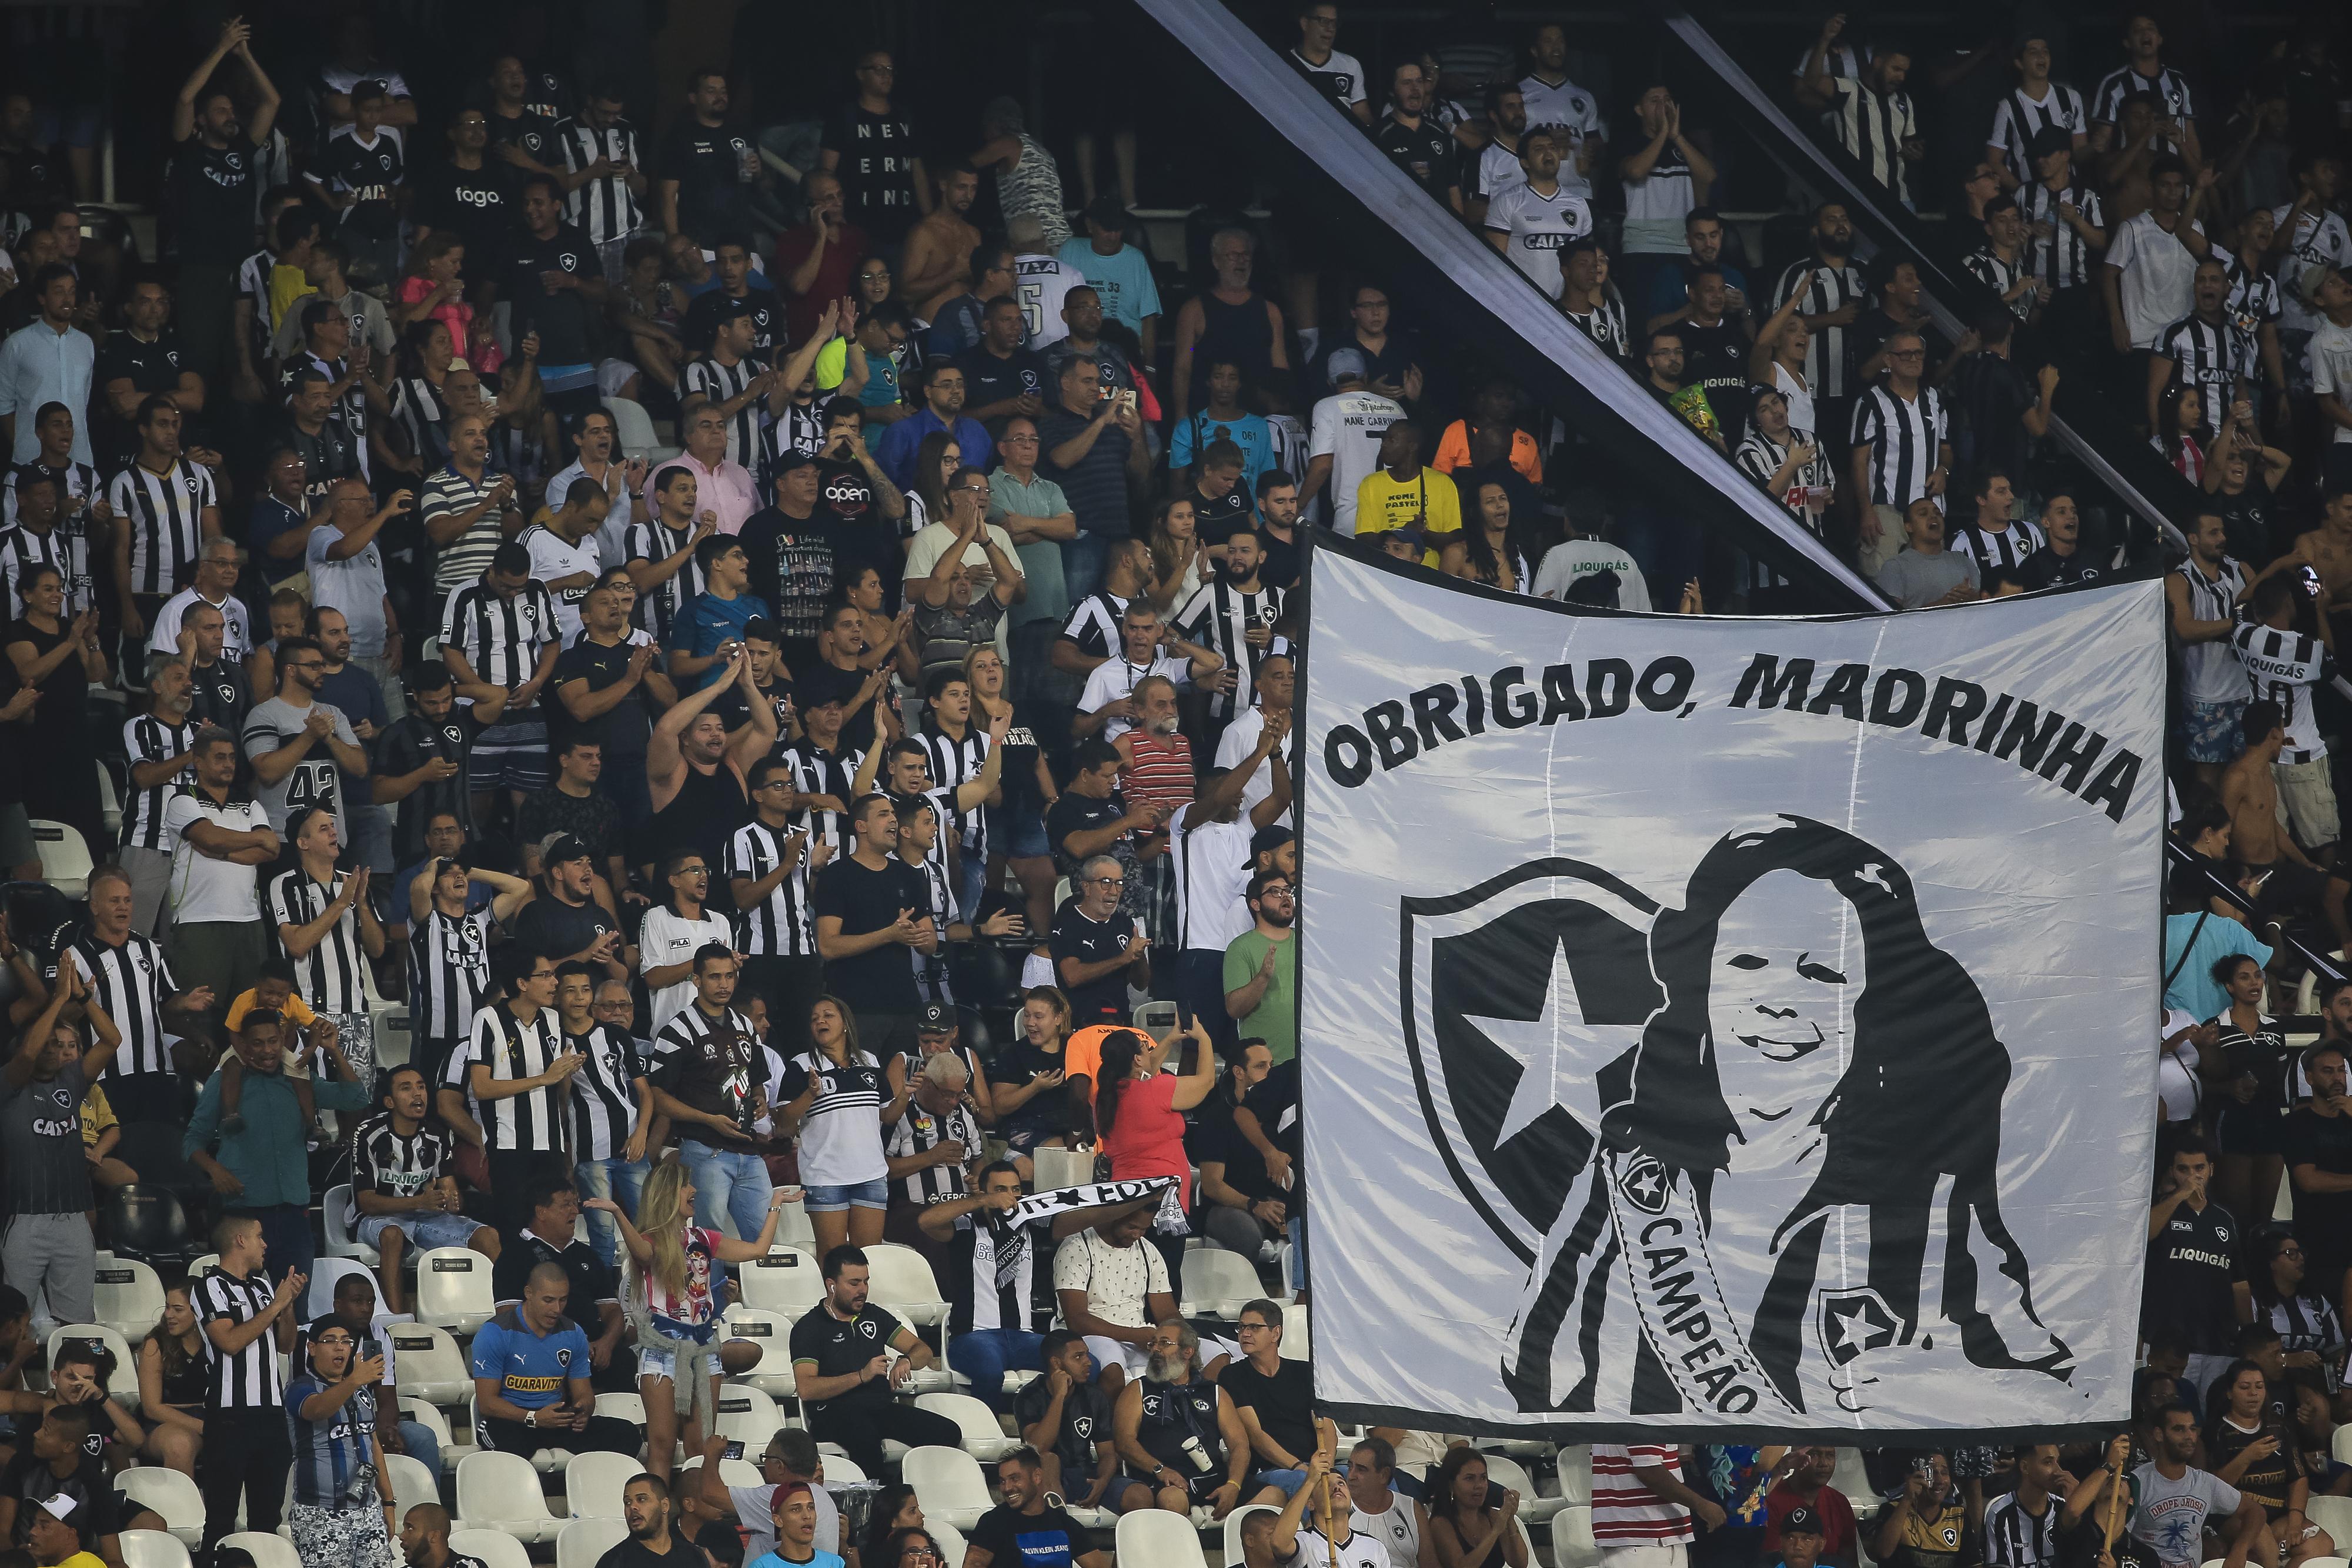 Torcida do Botafogo homenageia Beth Carvalho